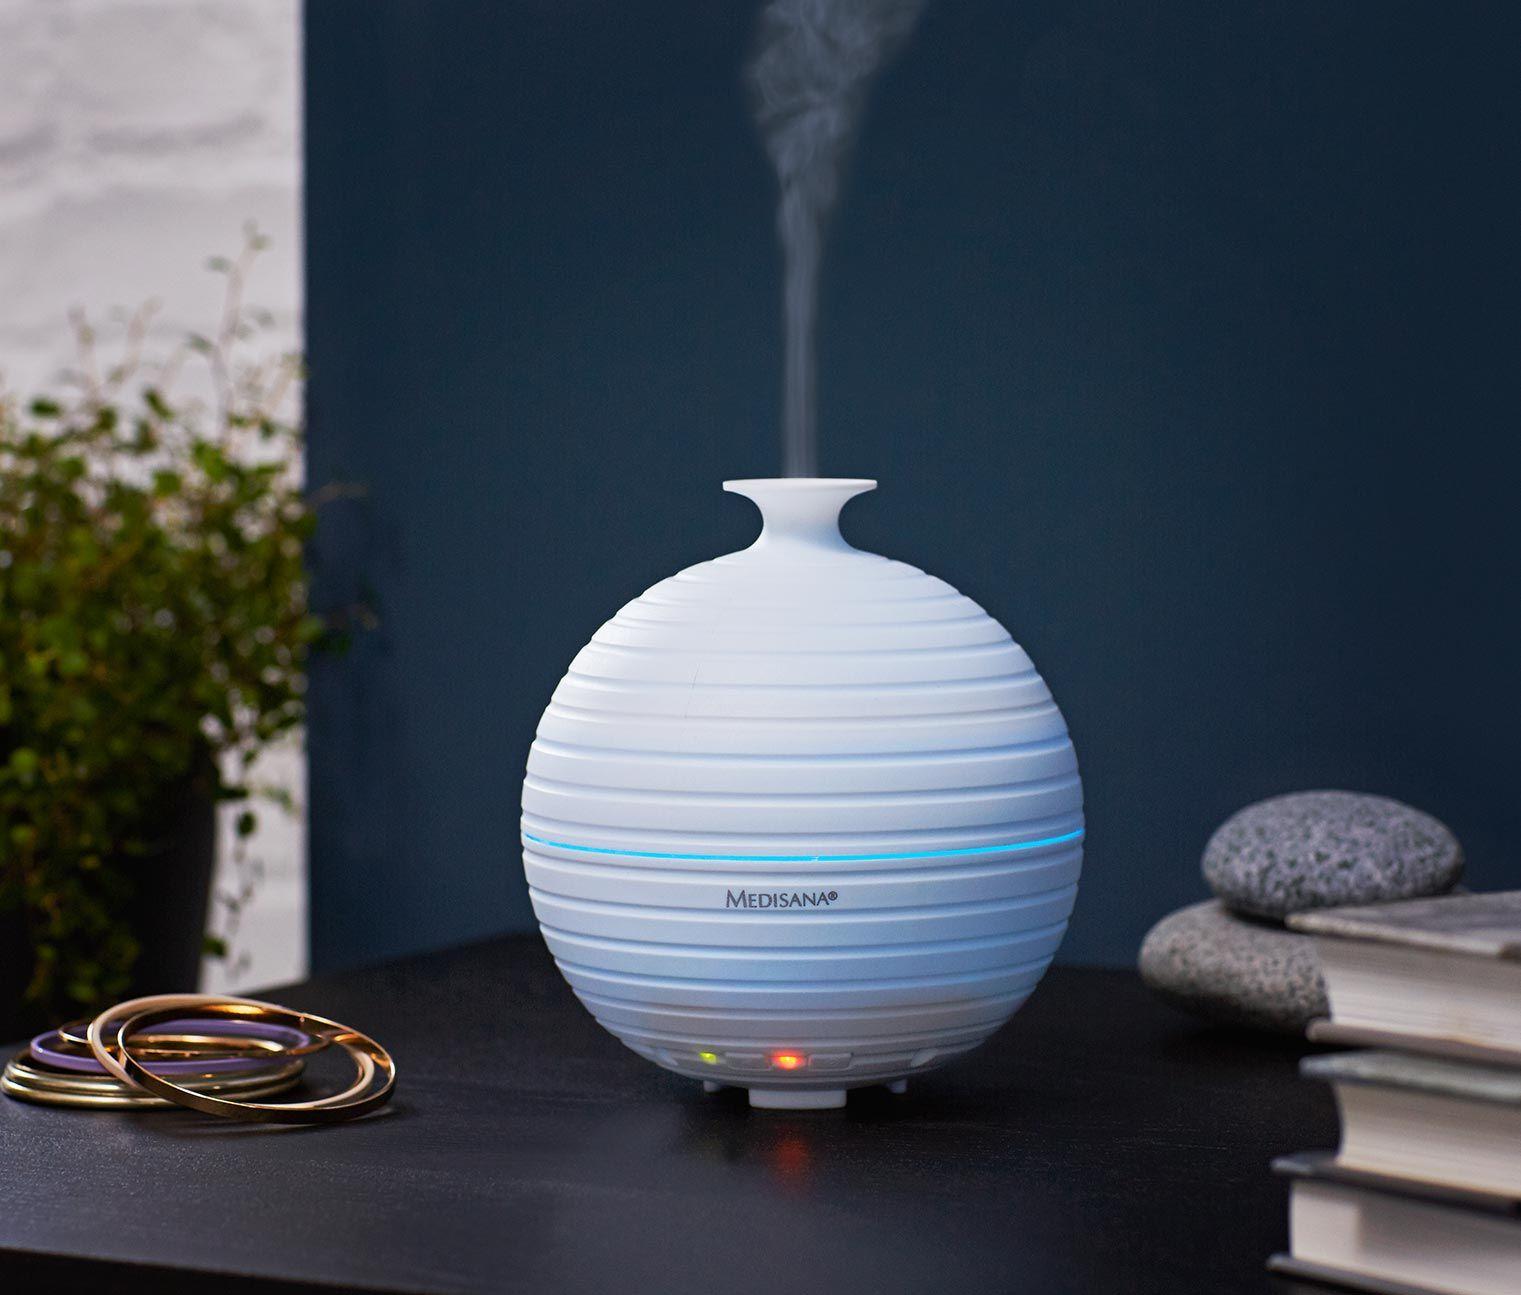 29 95 angenehmer duft im ganzen raum dieser aroma diffusor arbeitet mit ger uscharmer und. Black Bedroom Furniture Sets. Home Design Ideas